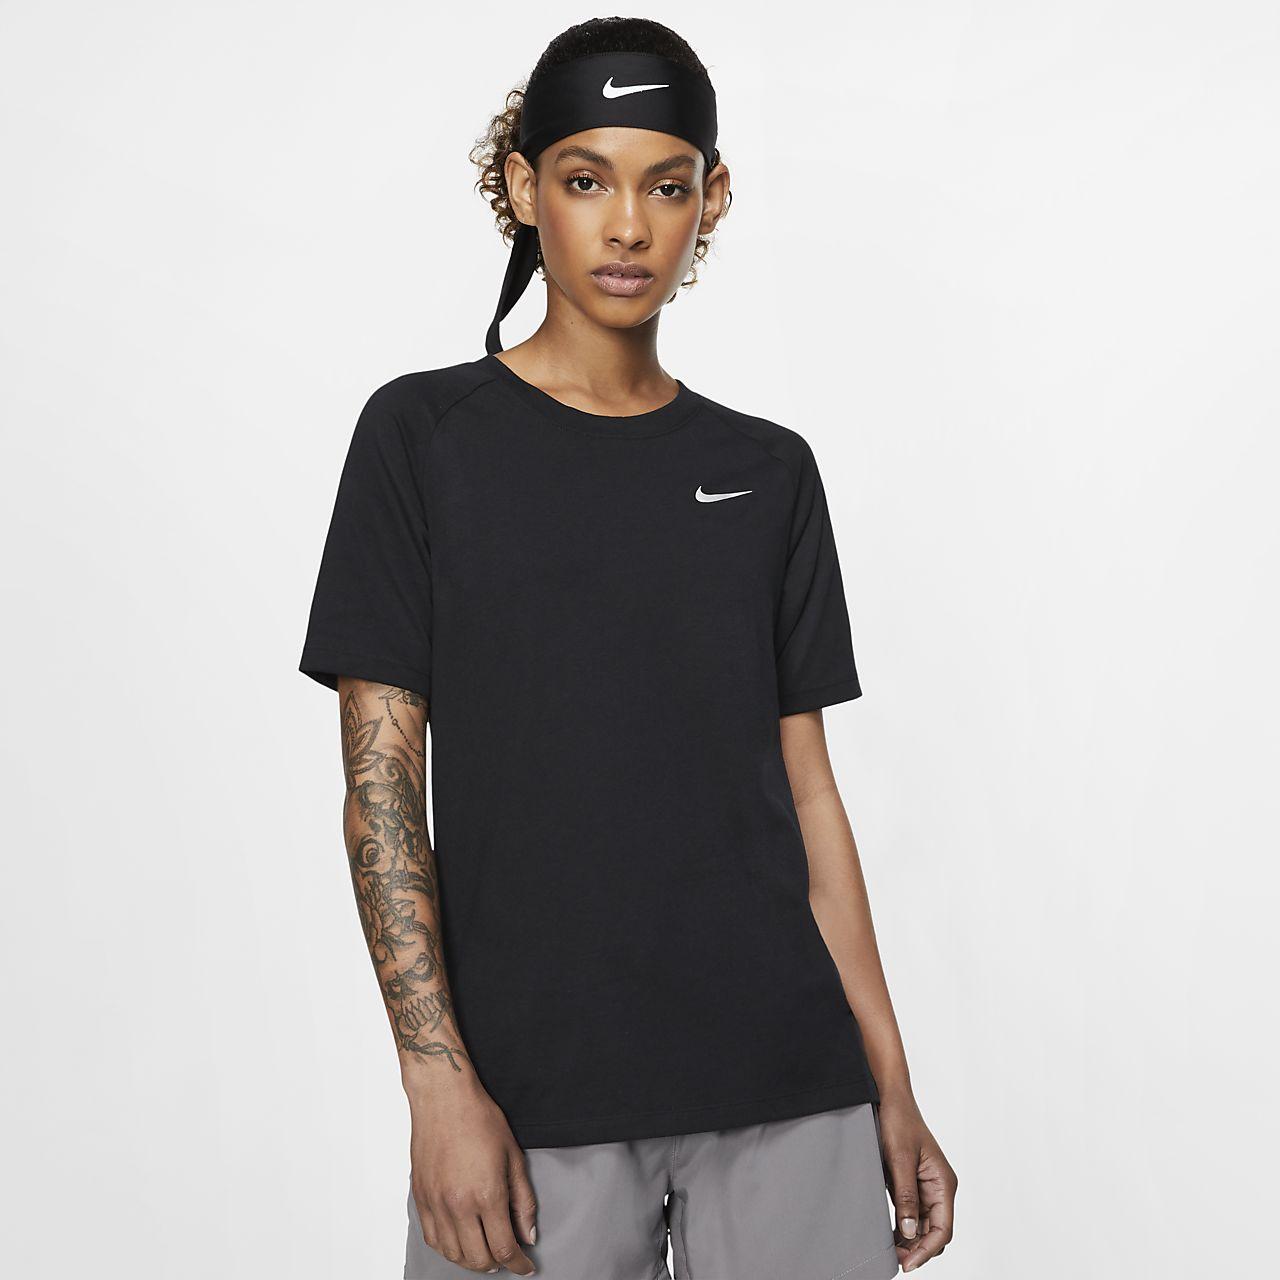 94ec4d872c37 Haut de running à manches courtes Nike Dri-FIT Tailwind pour Femme ...